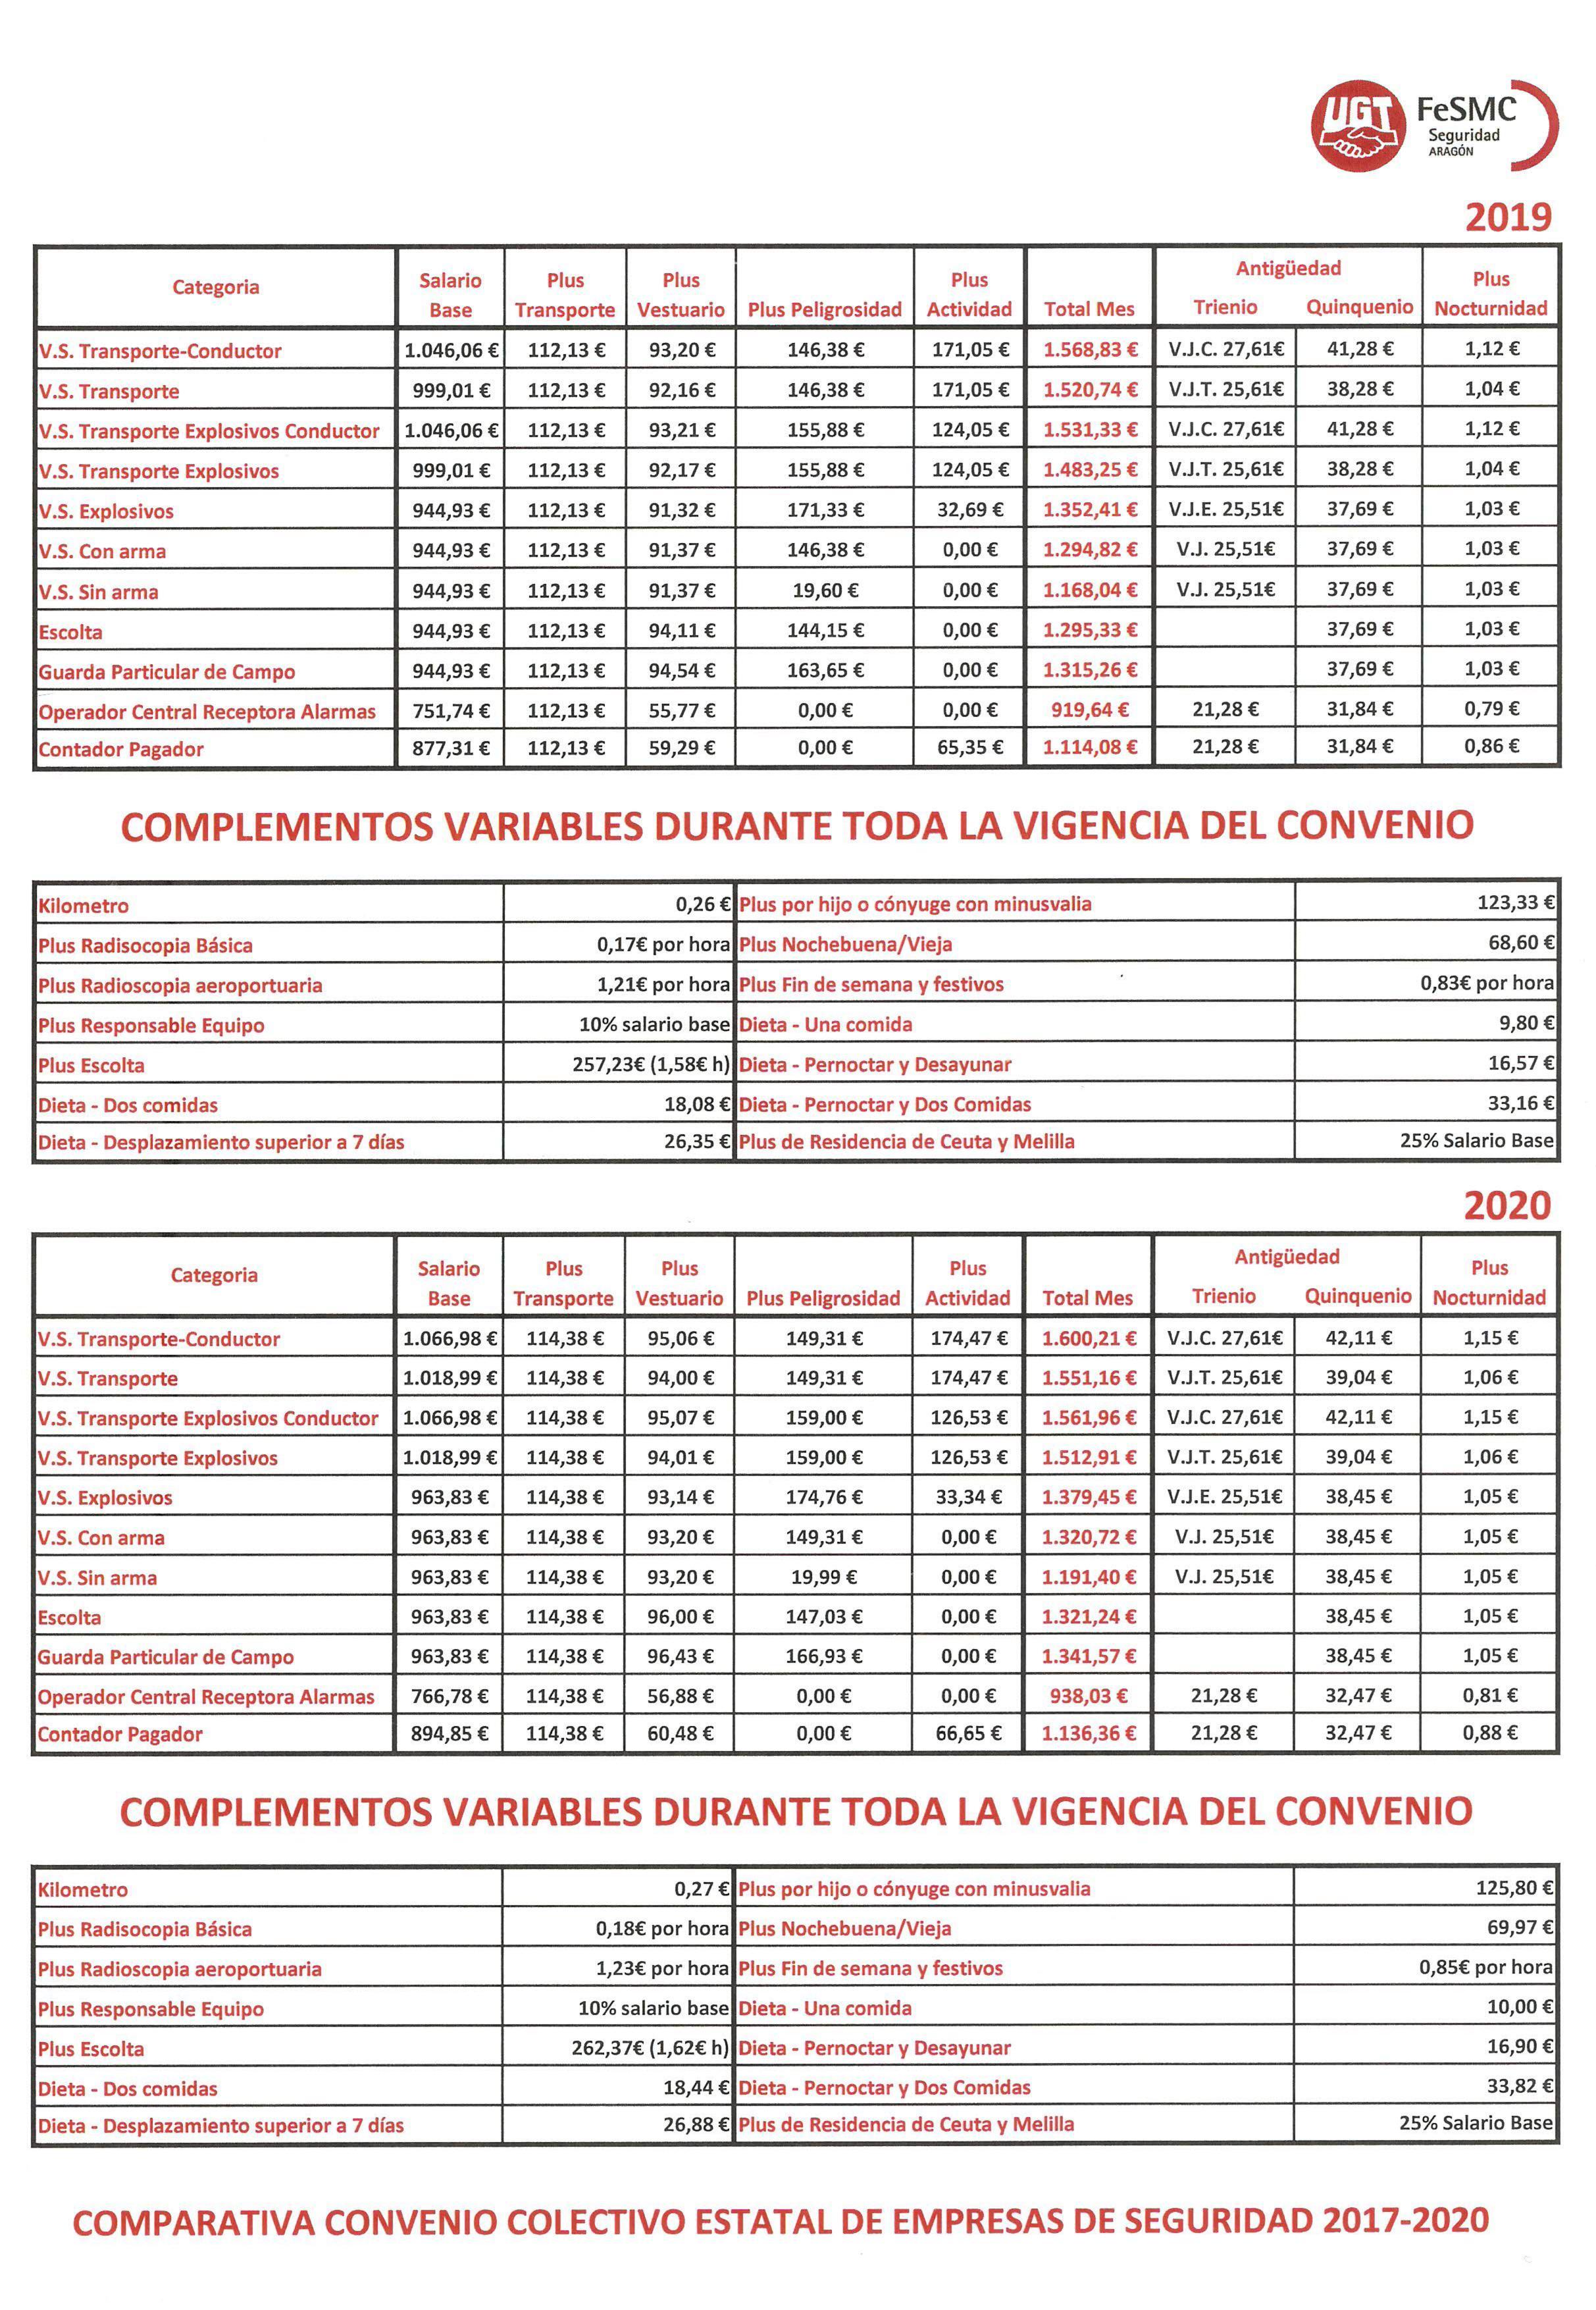 Nuevo convenio vigilantes seguridad 2018 2020 tabla for Fuera de convenio 2018